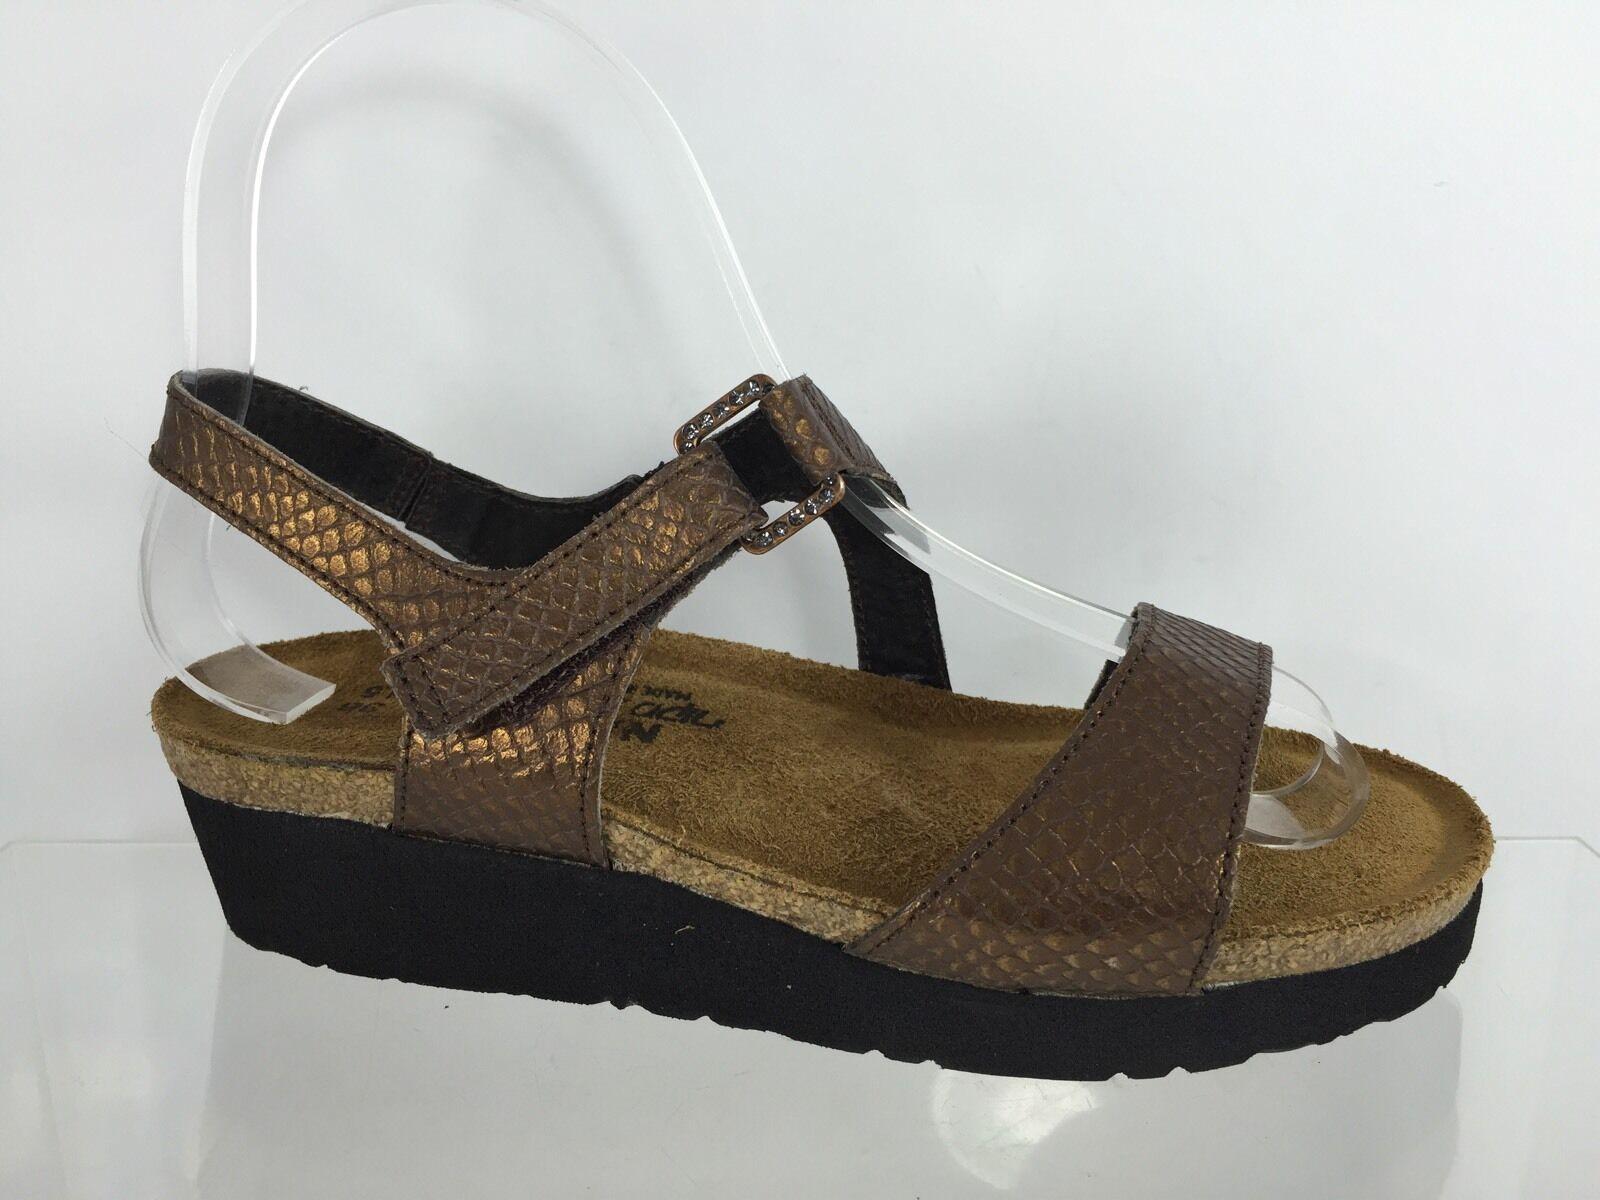 Naot Damenschuhe Bronze Snake Texture  Sandales 5